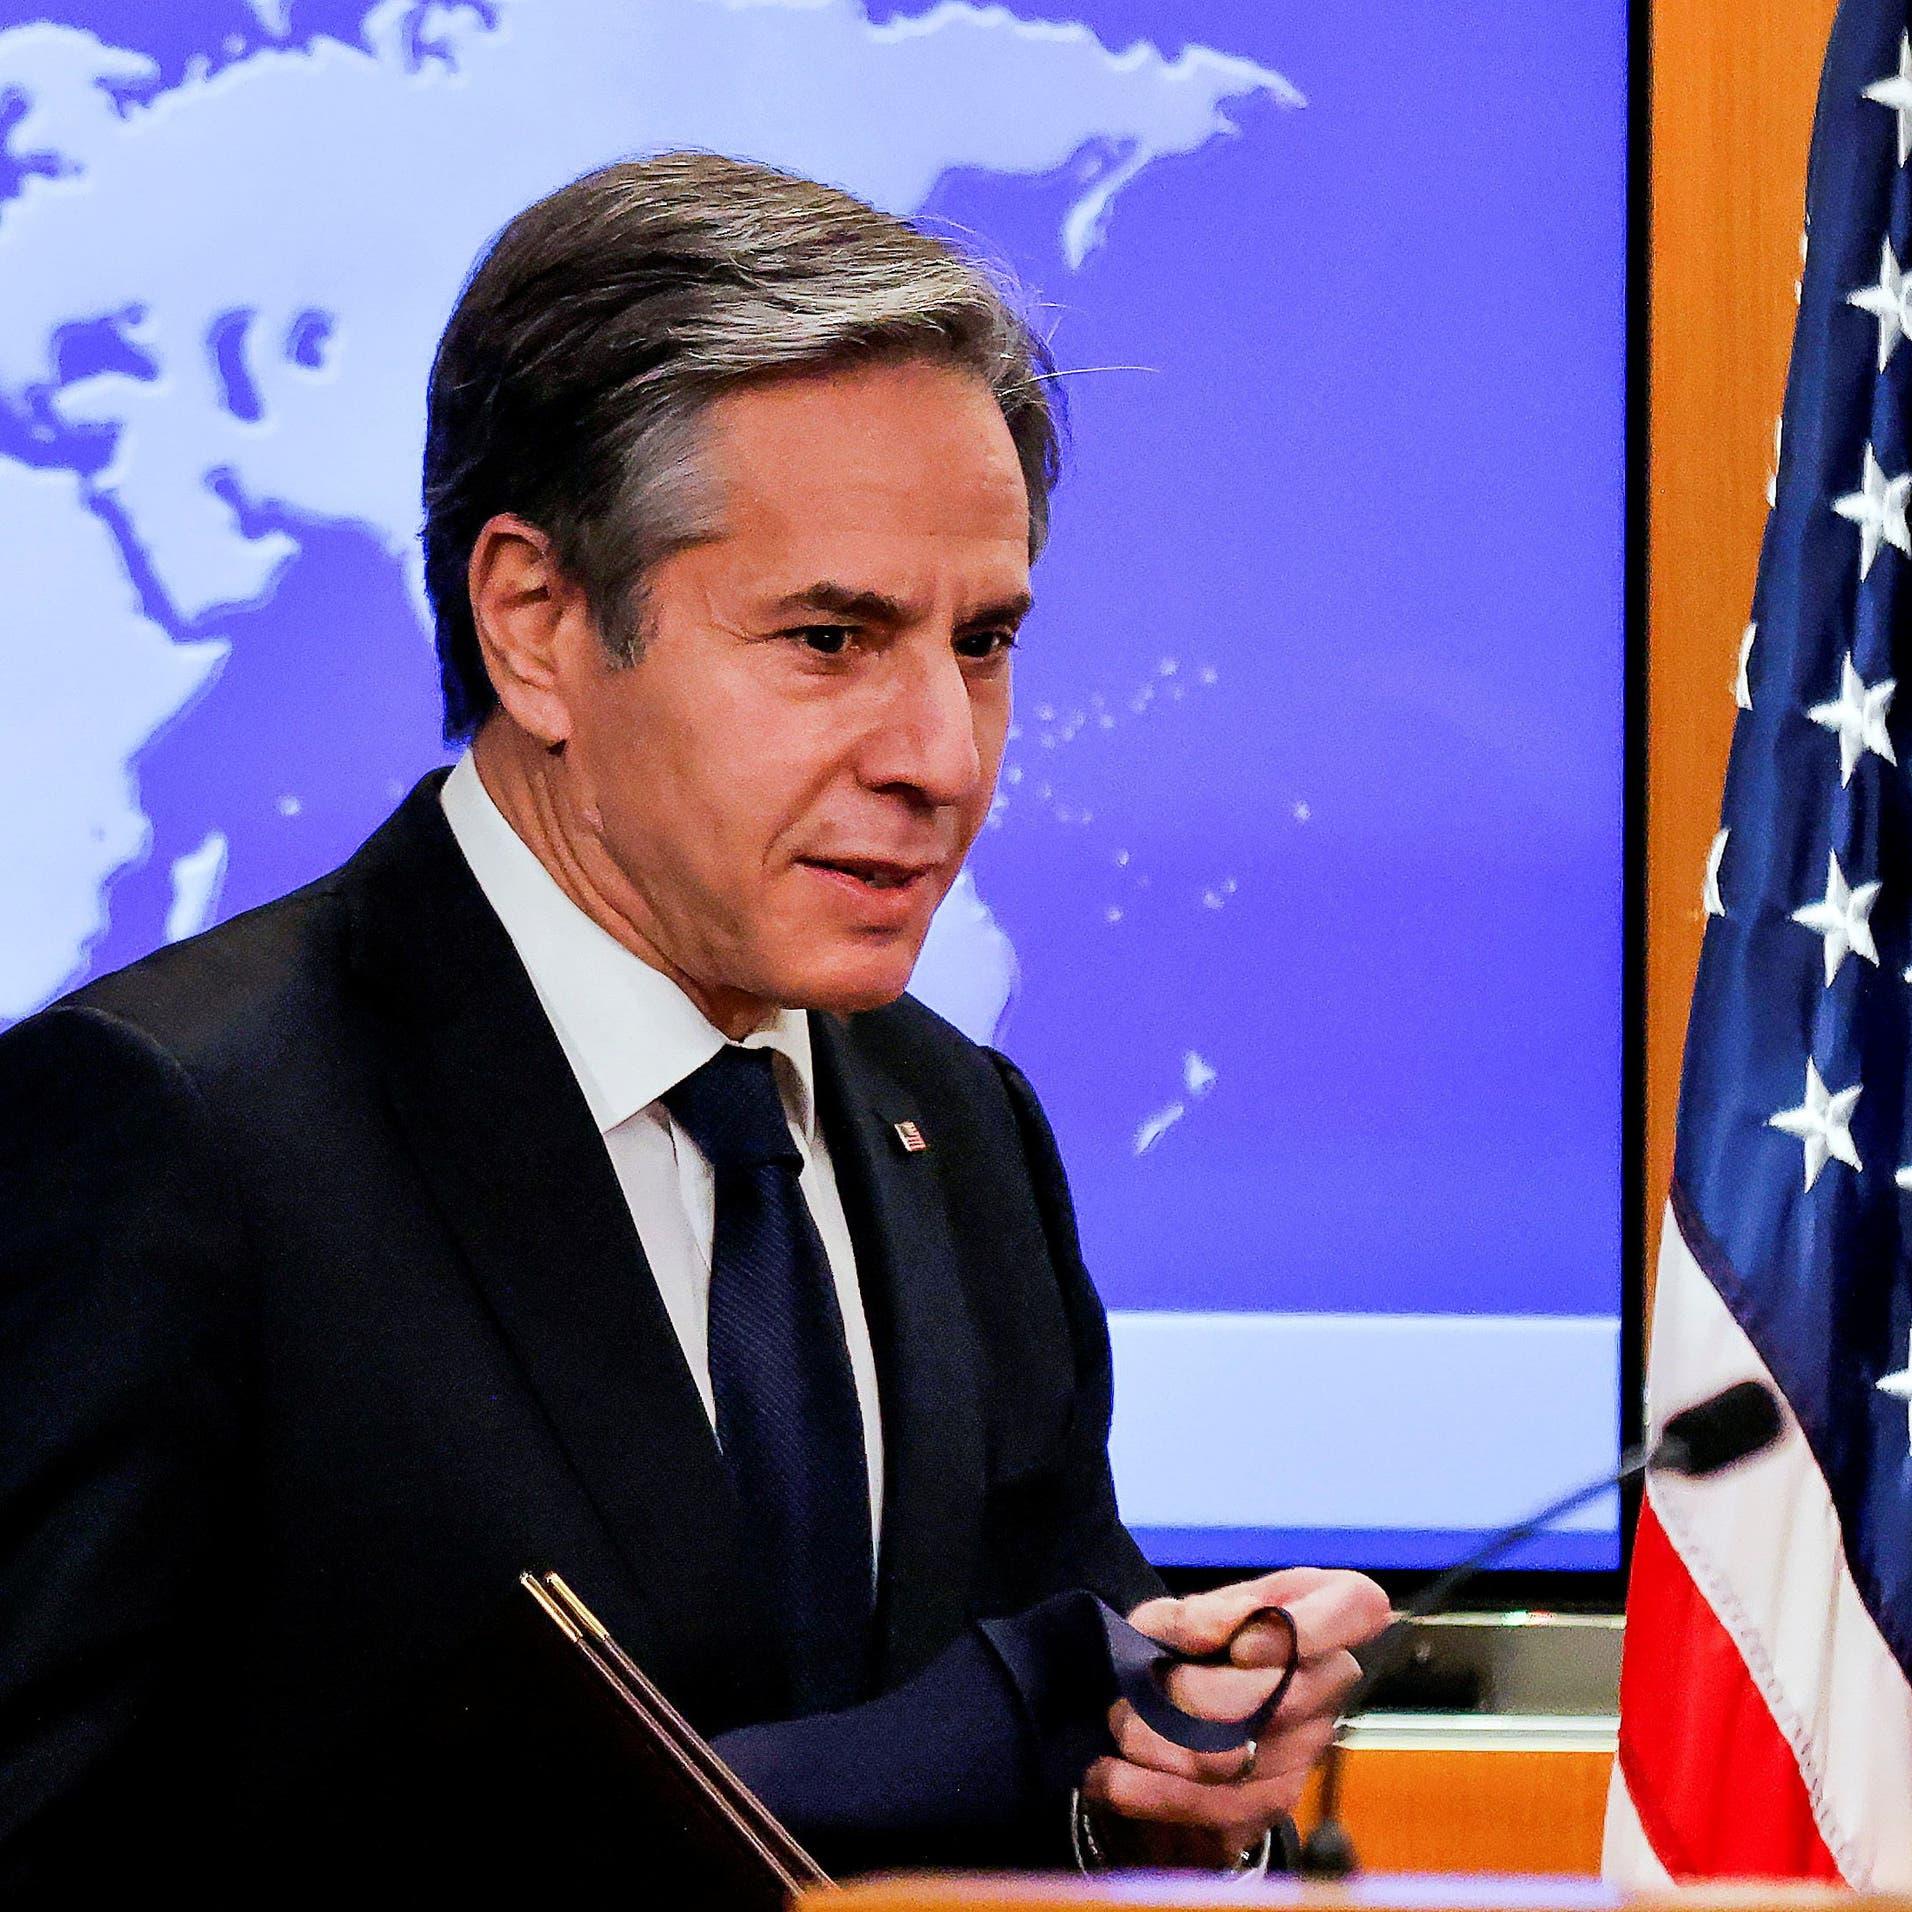 واشنطن: السعودية شريك مهم ولن نقف مكتوفي الأيدي إزاء هجمات الحوثي